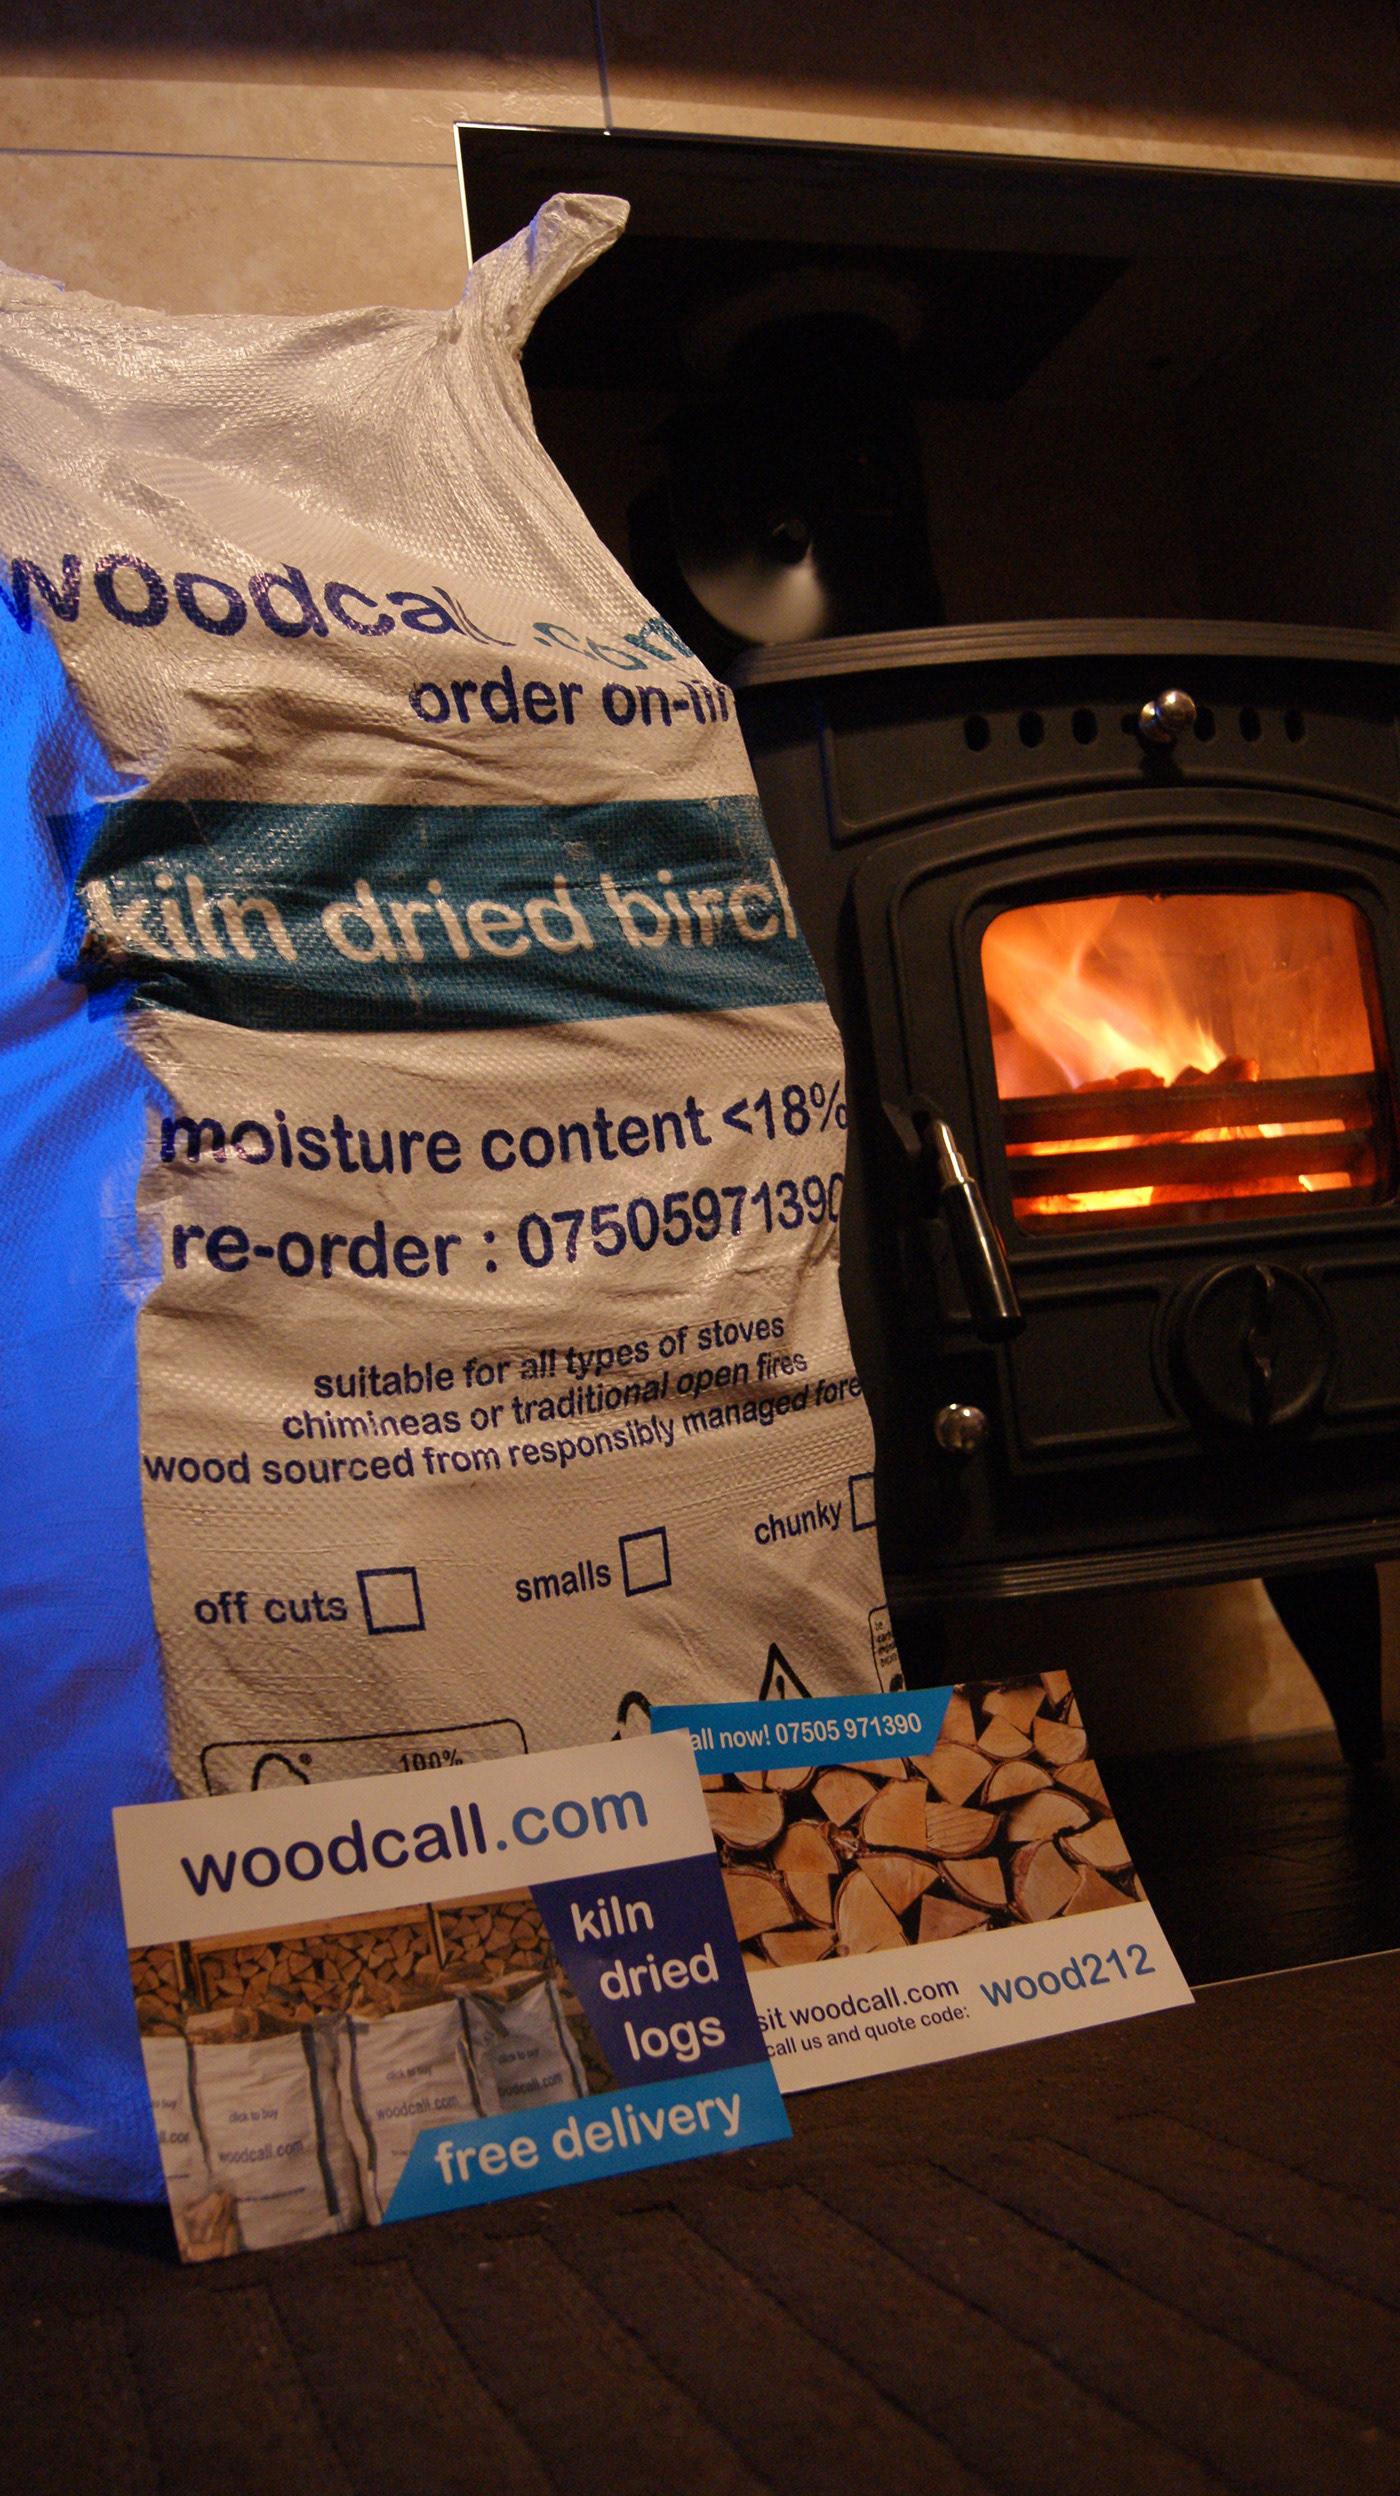 Woodcall.com